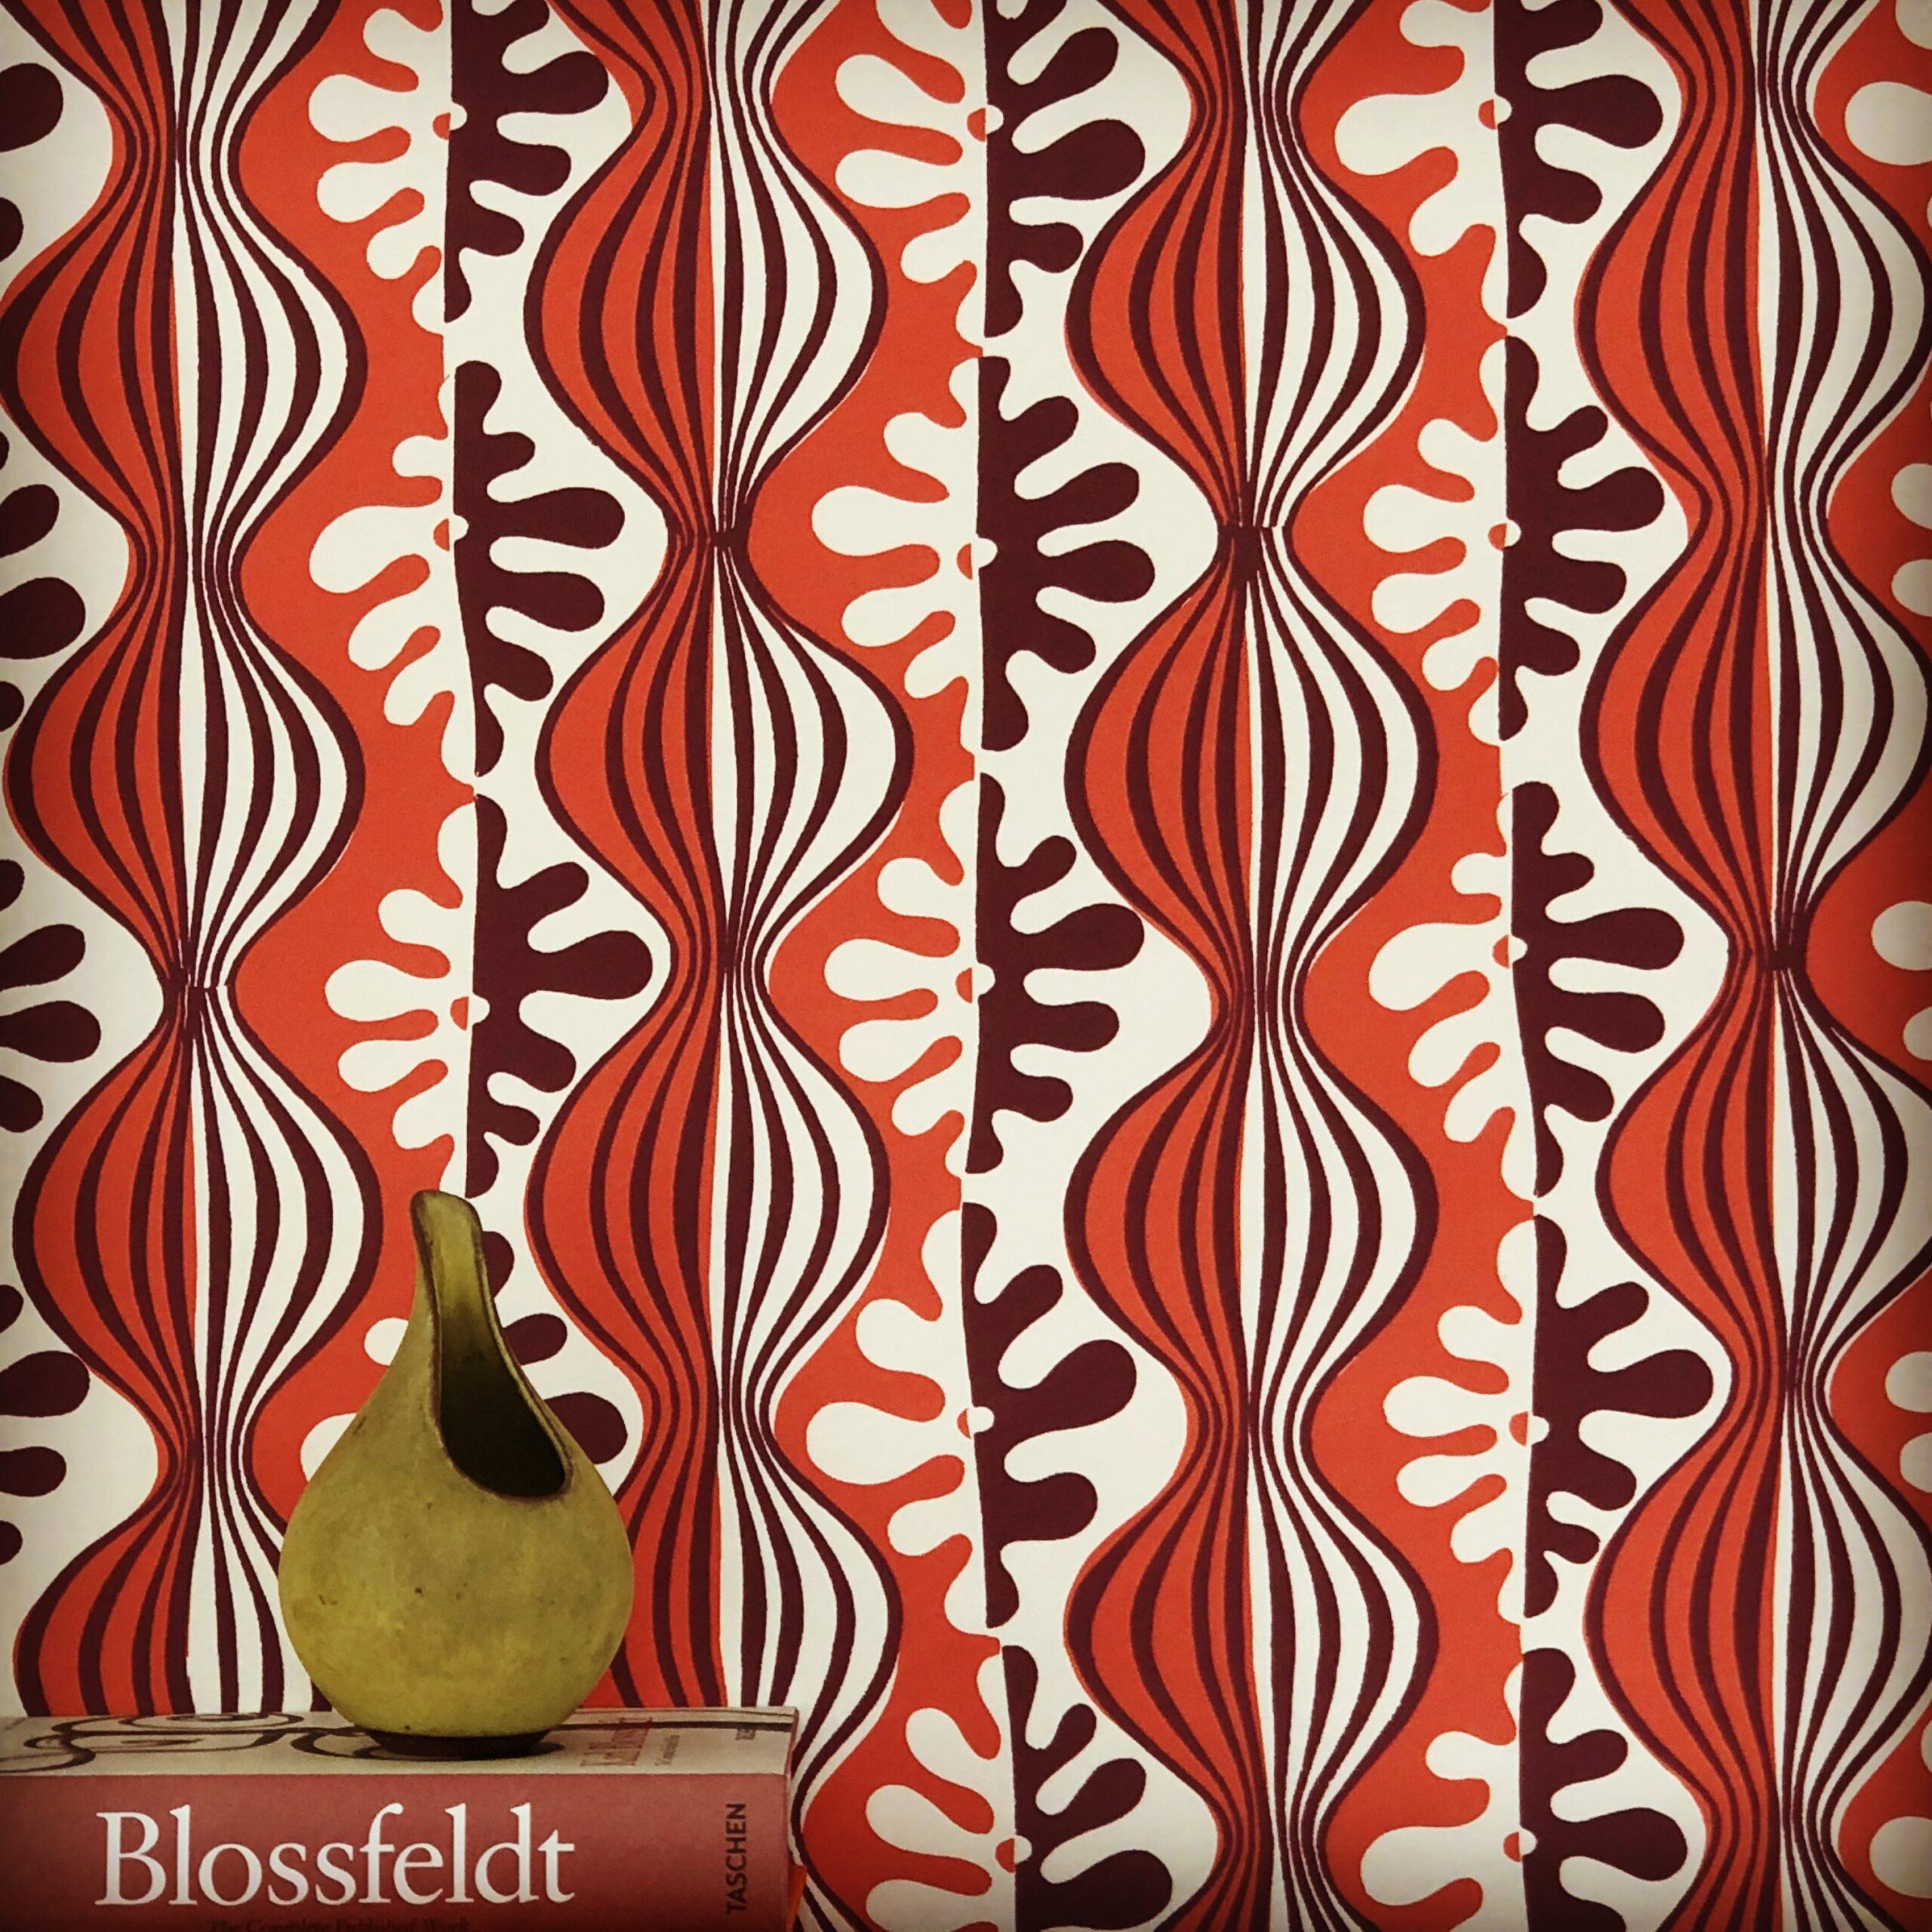 Wallpaper, £69, Fiona Howard Ltd